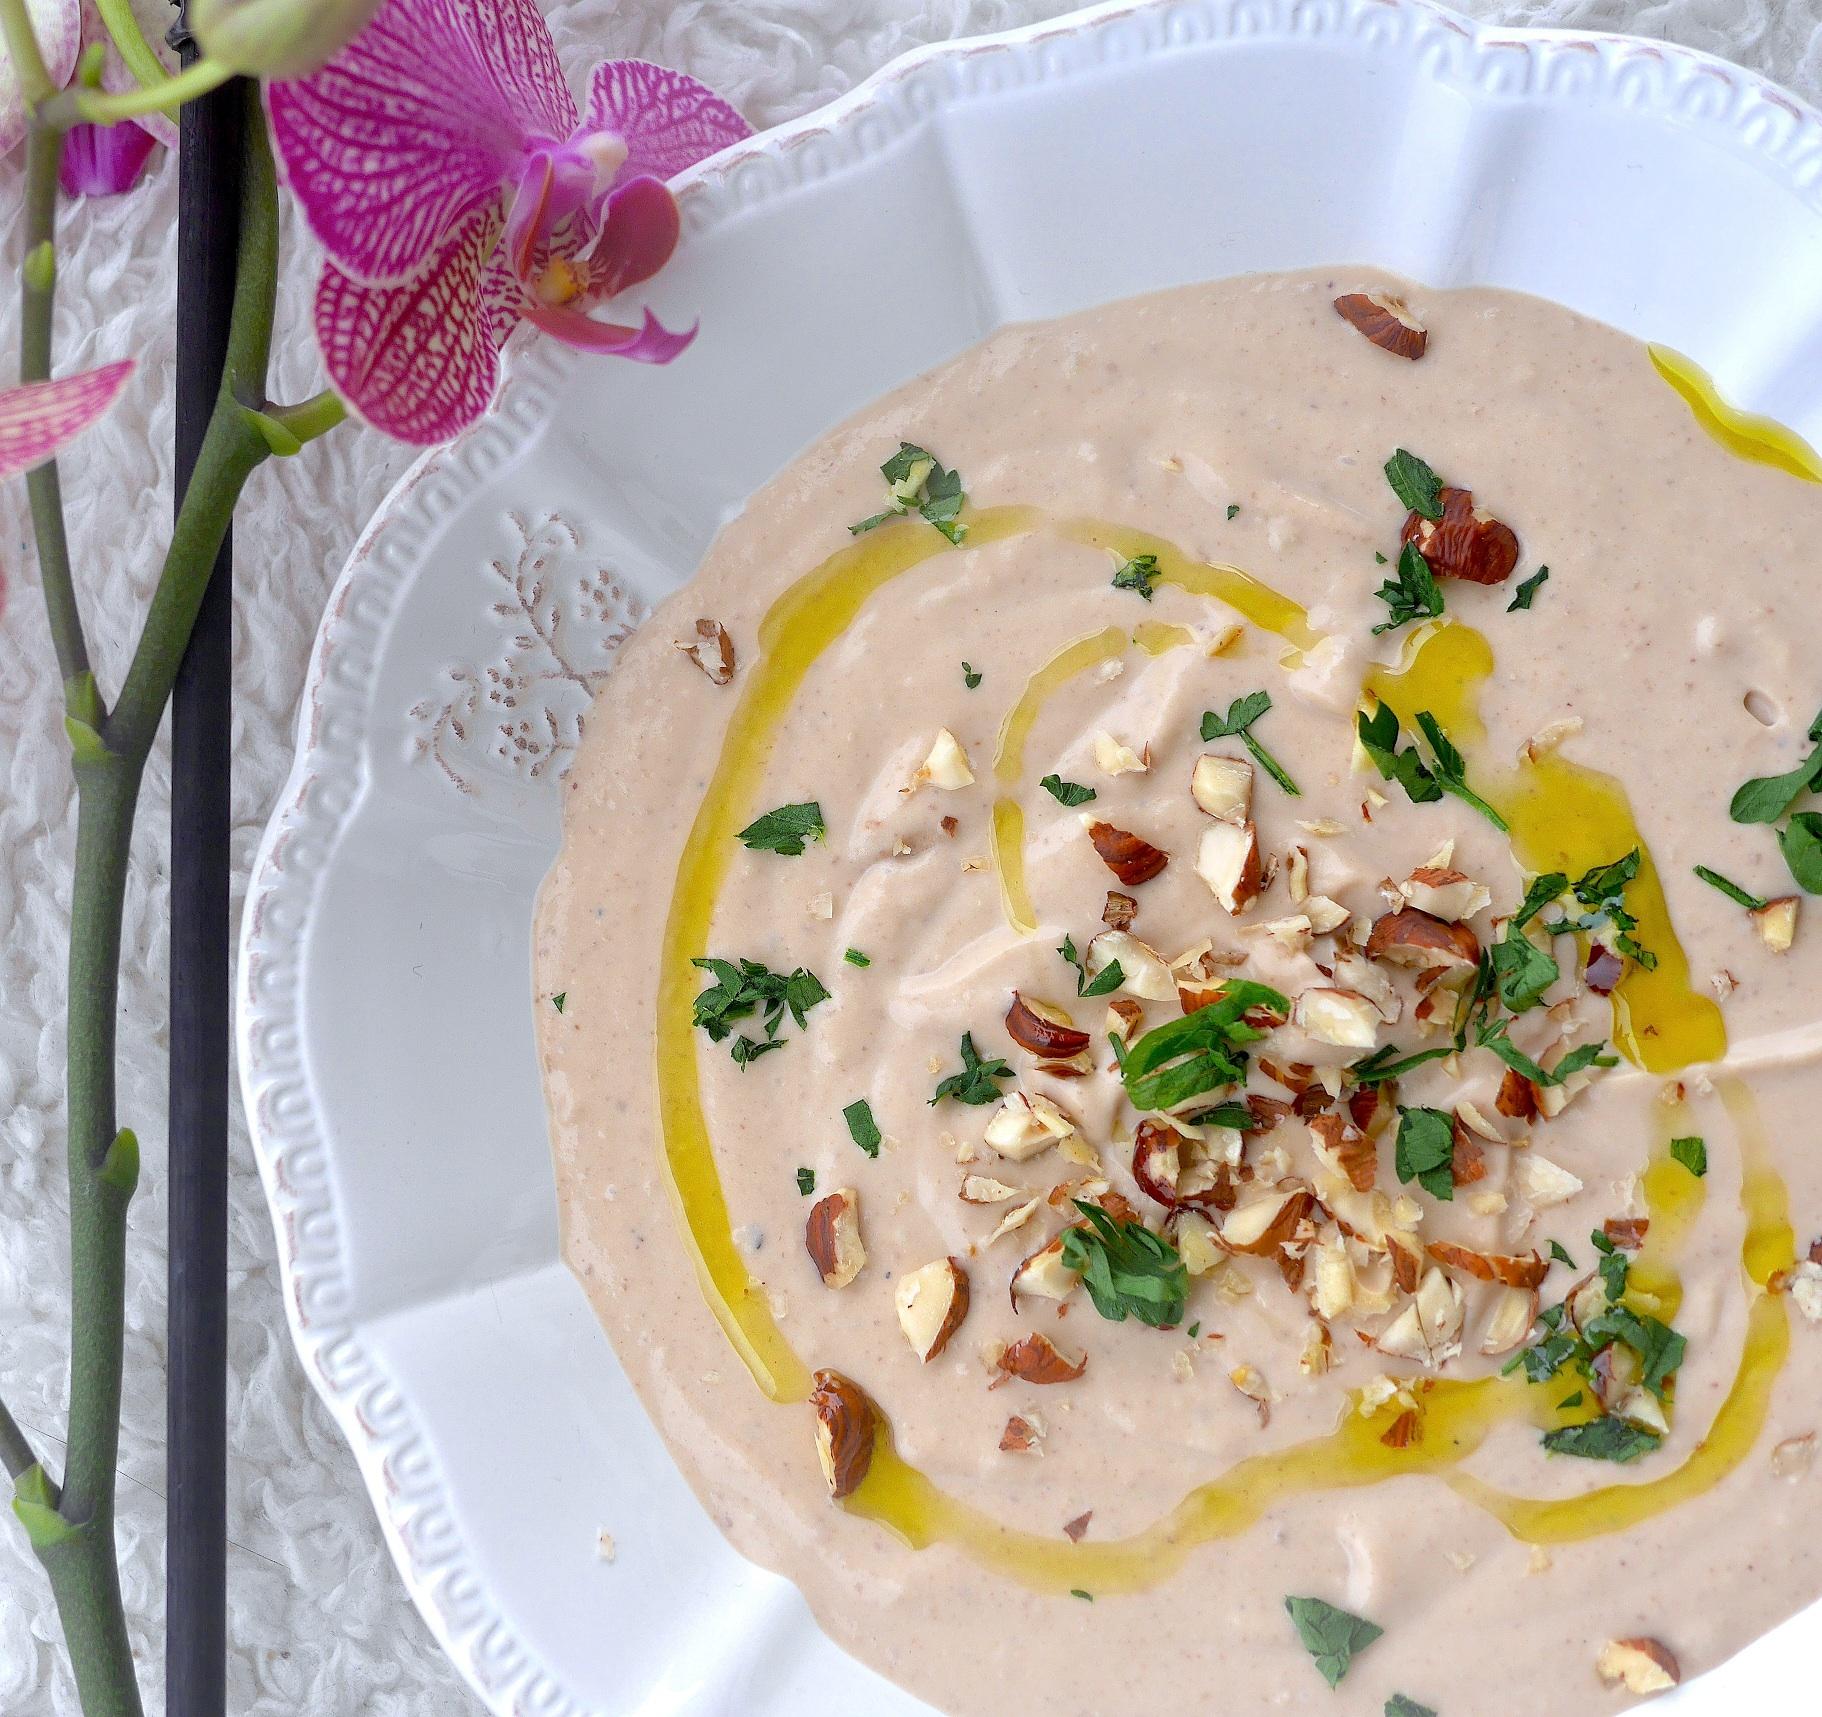 Velouté aux châtaignes et noisettes grillées à la crème de riz ! Onctueux, léger et savoureux !